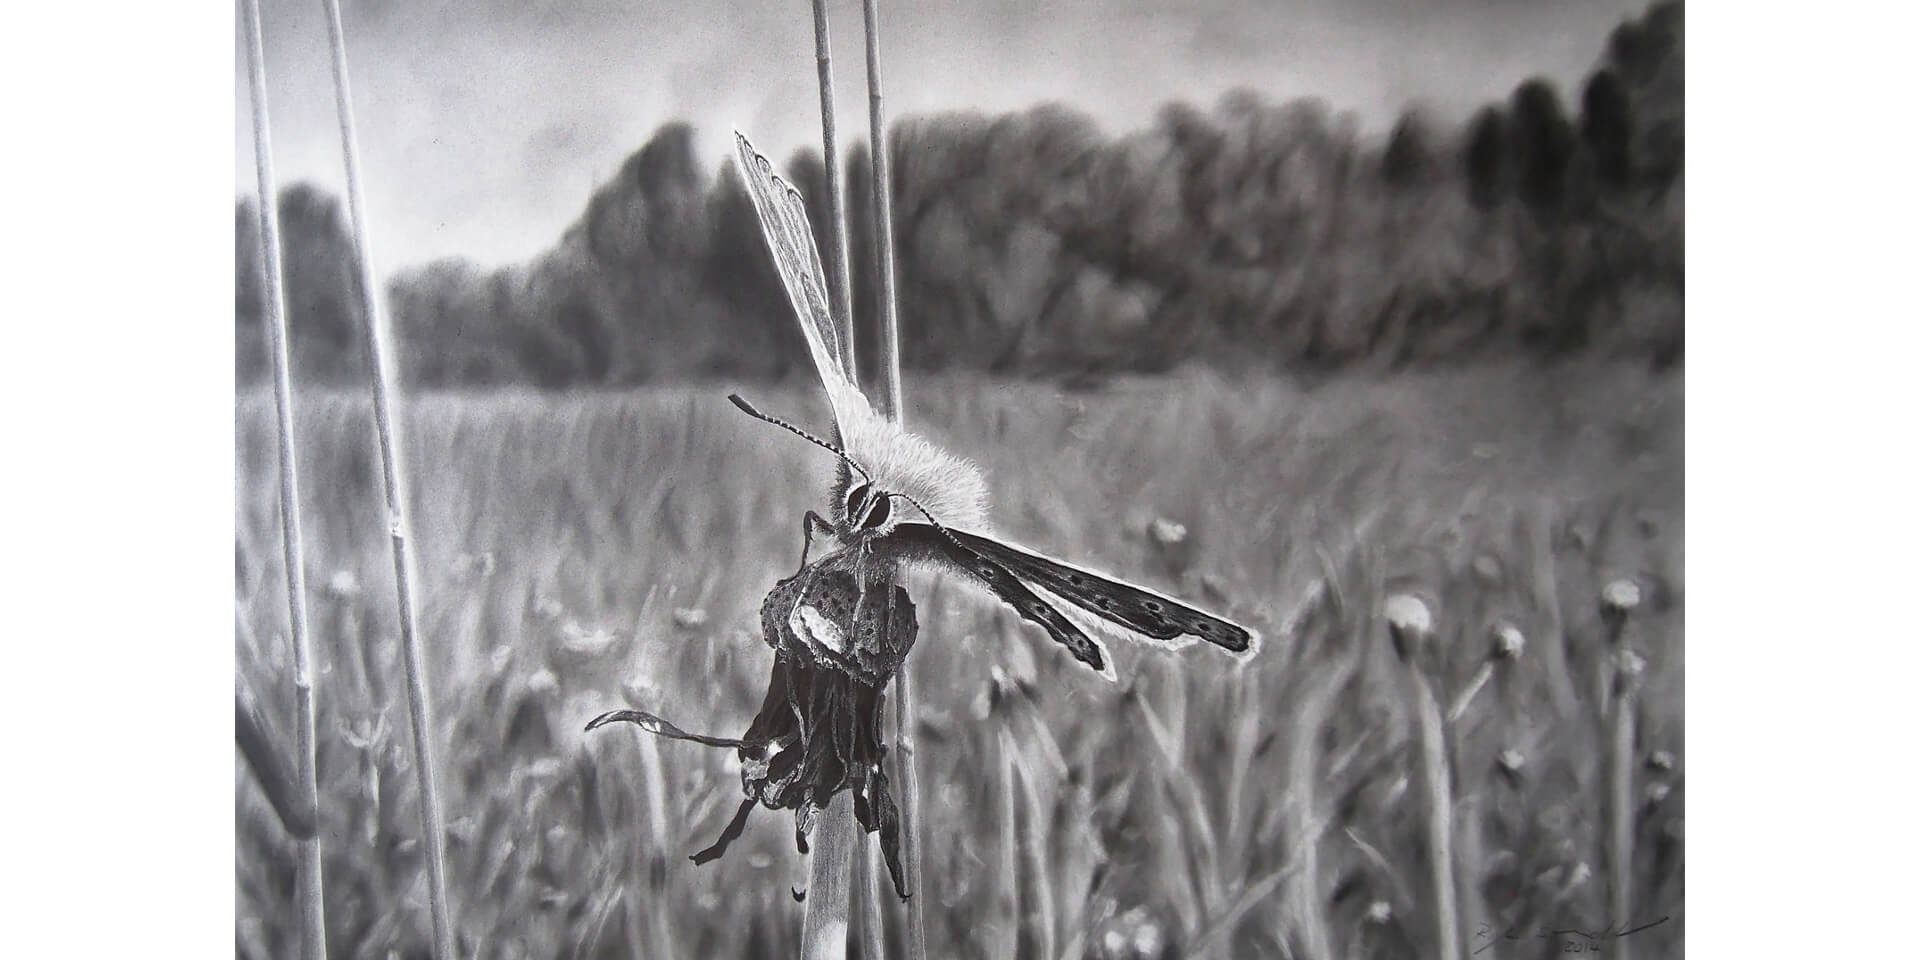 Gelandet, Bleistift, 46x68 cm, 2014